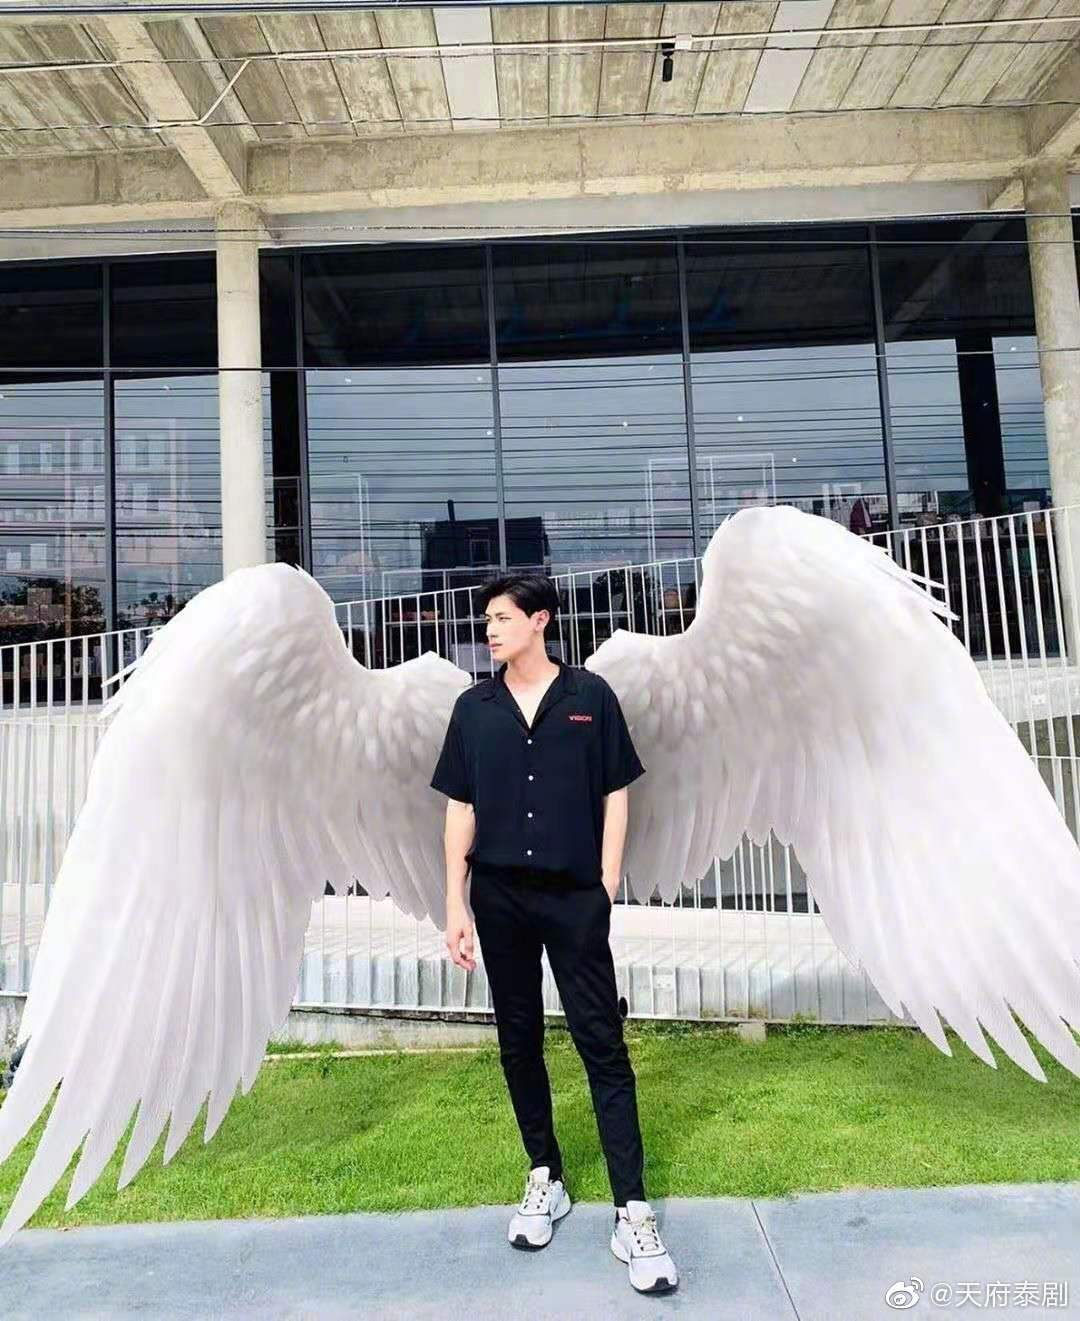 《天使在身边》的剧照7